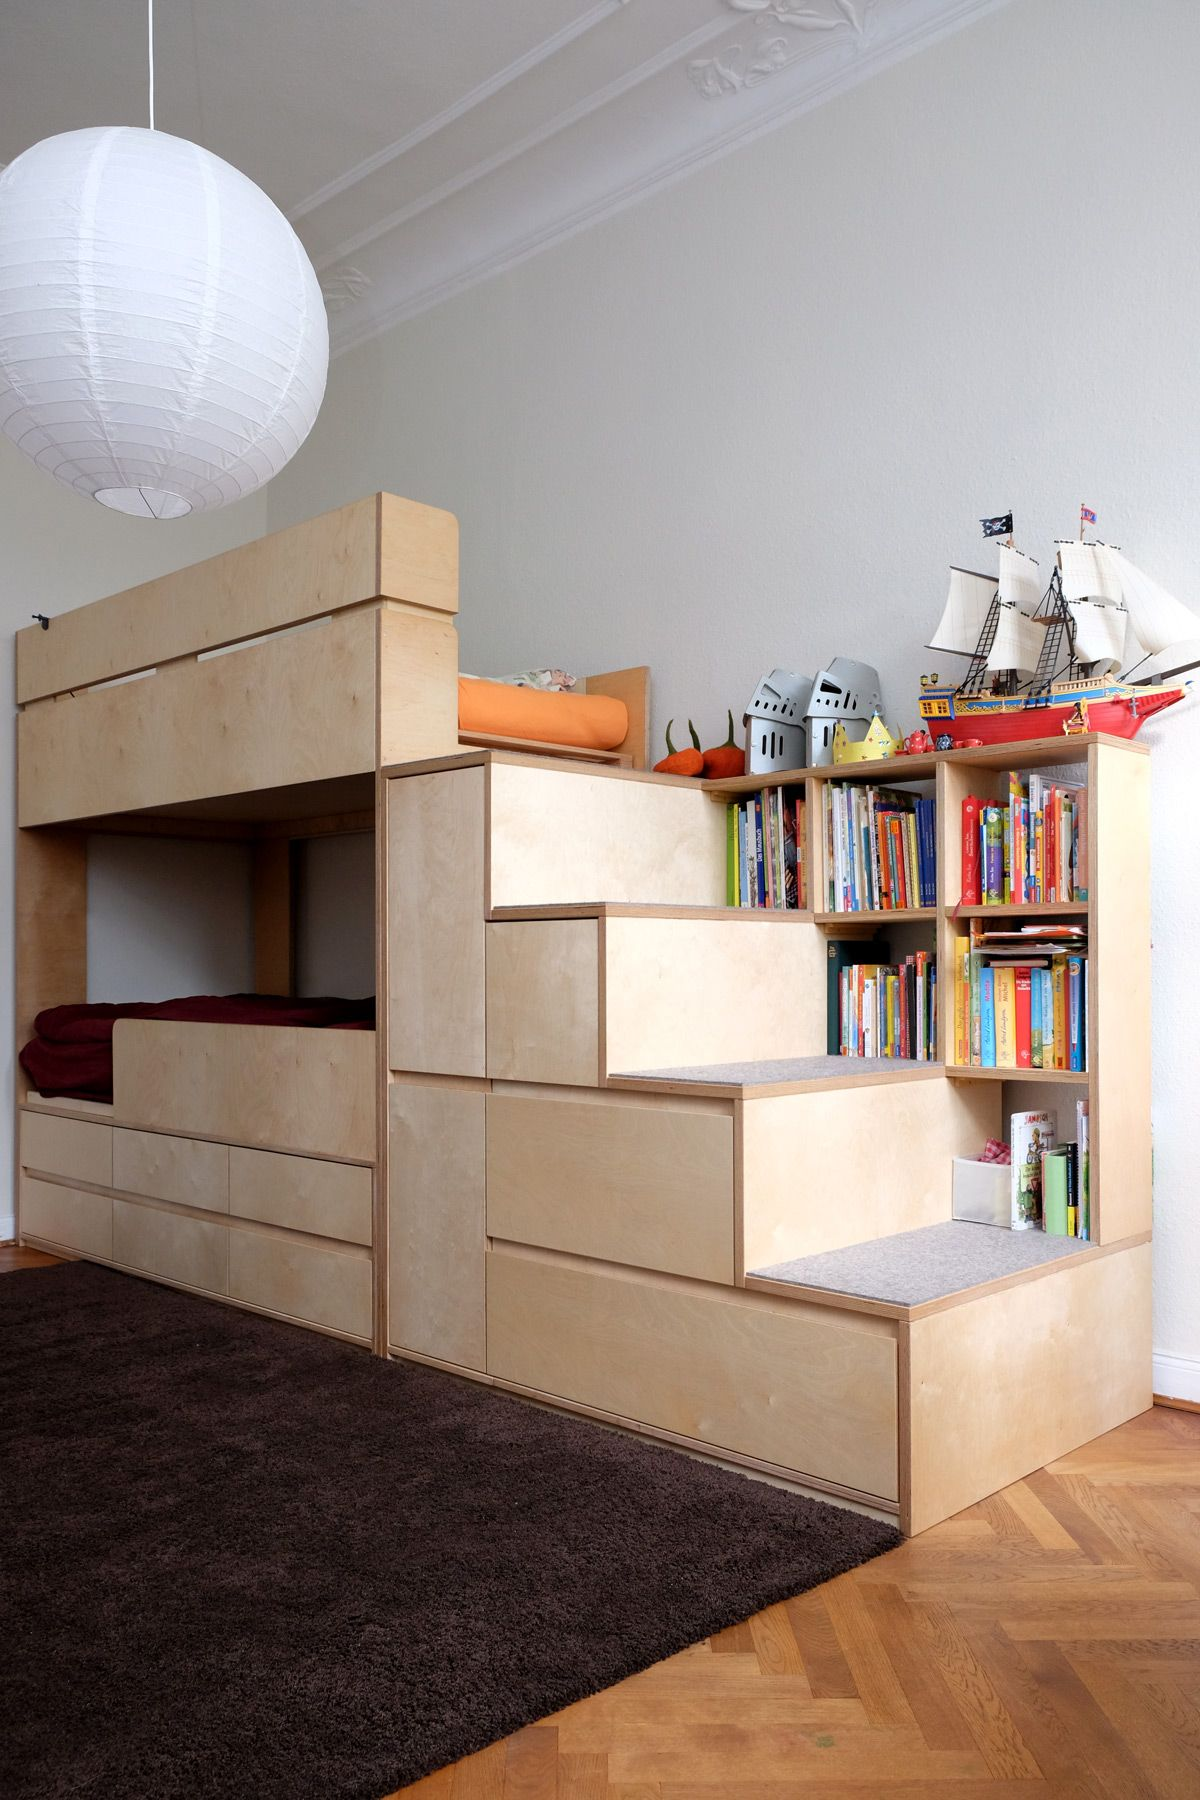 Kinderzimmermobel Etagenbett Stockbett Mit Treppe Und Stauraum